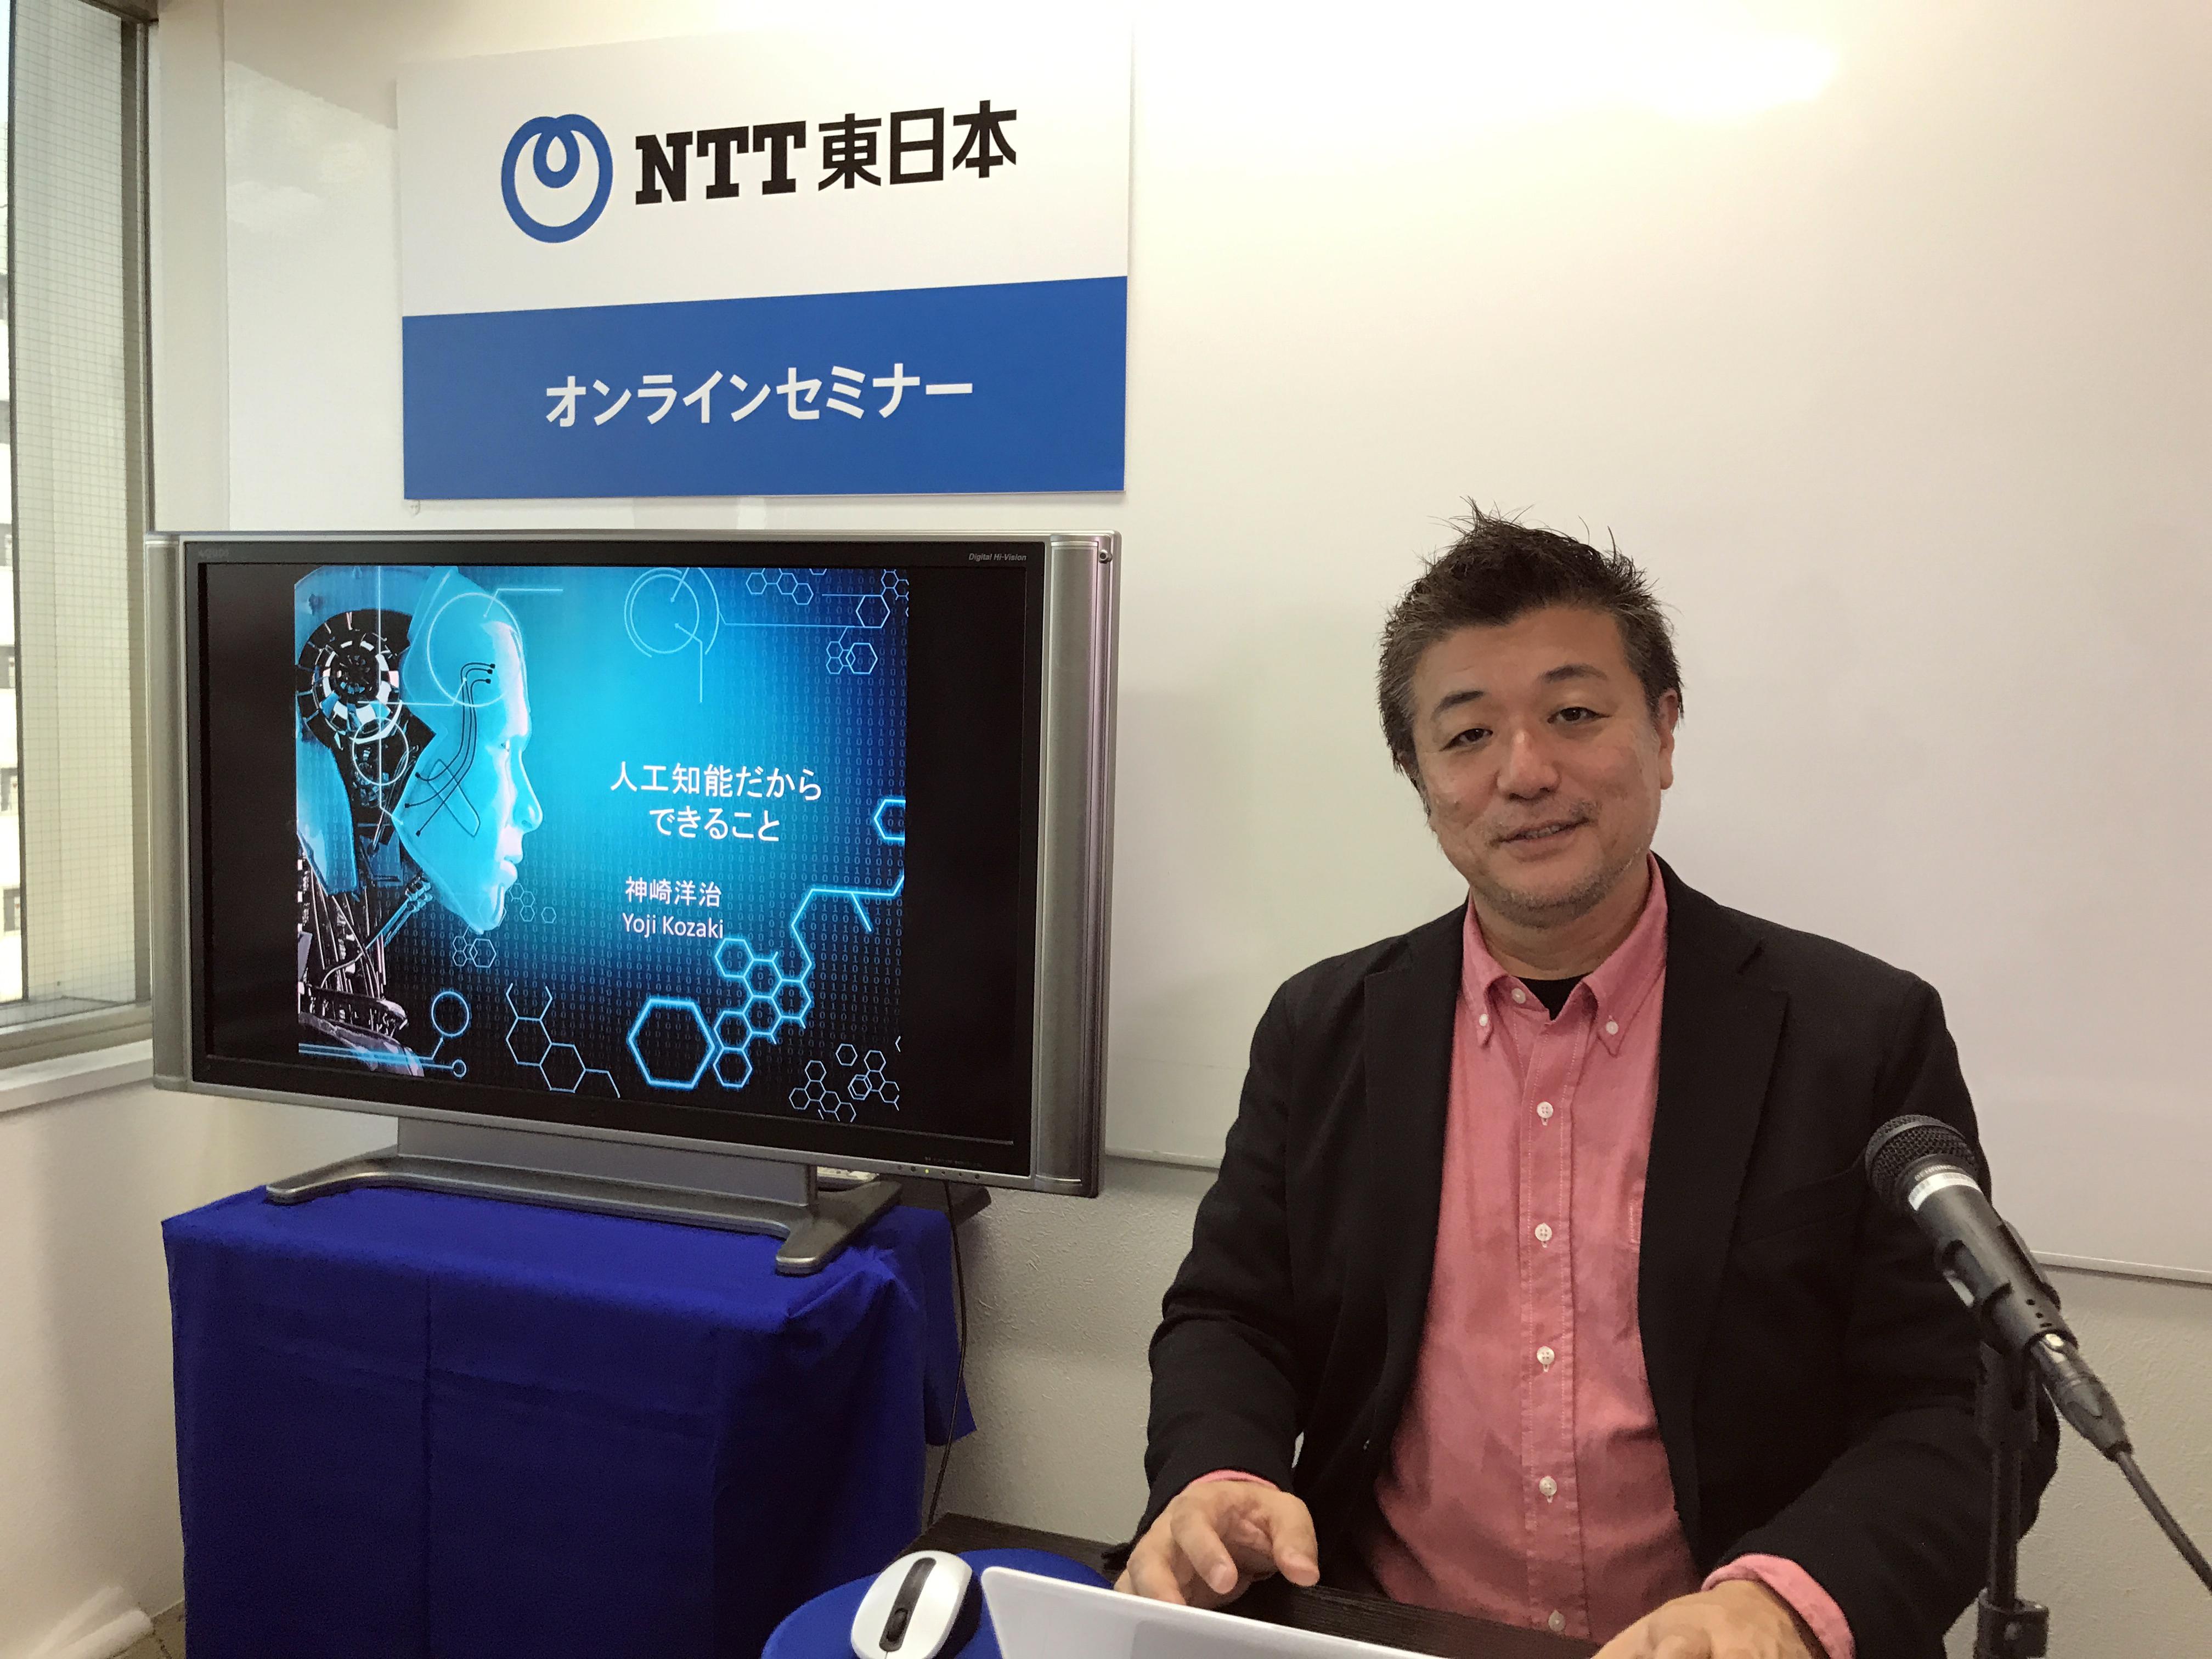 NTT-01